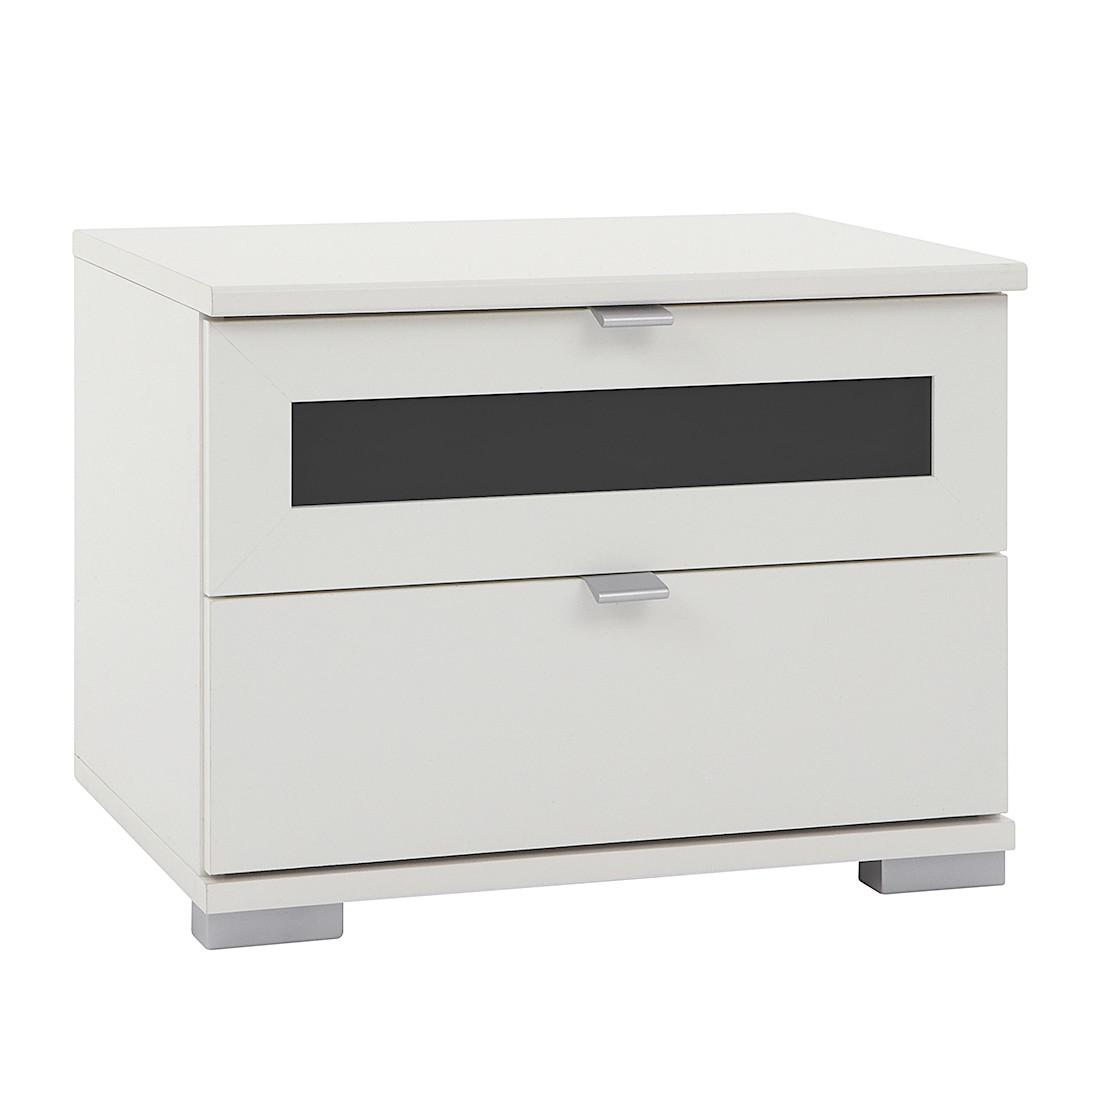 Nachtschrank Box Plus I – Alpinweiß/Schwarz – 2 Nachtschrank, Wimex günstig bestellen